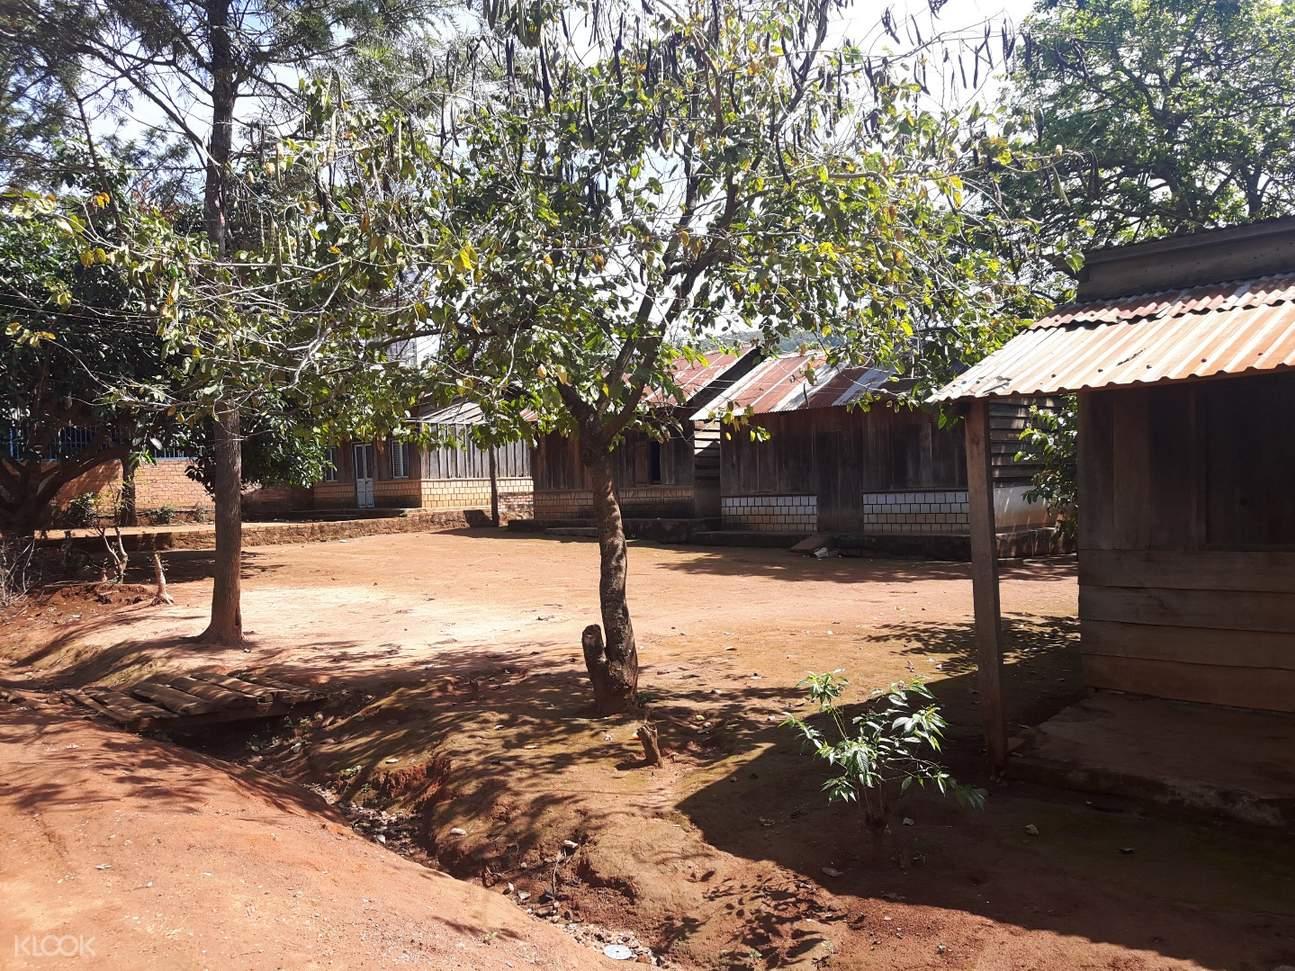 越南 大叻 Lat村 Kho Lat Village